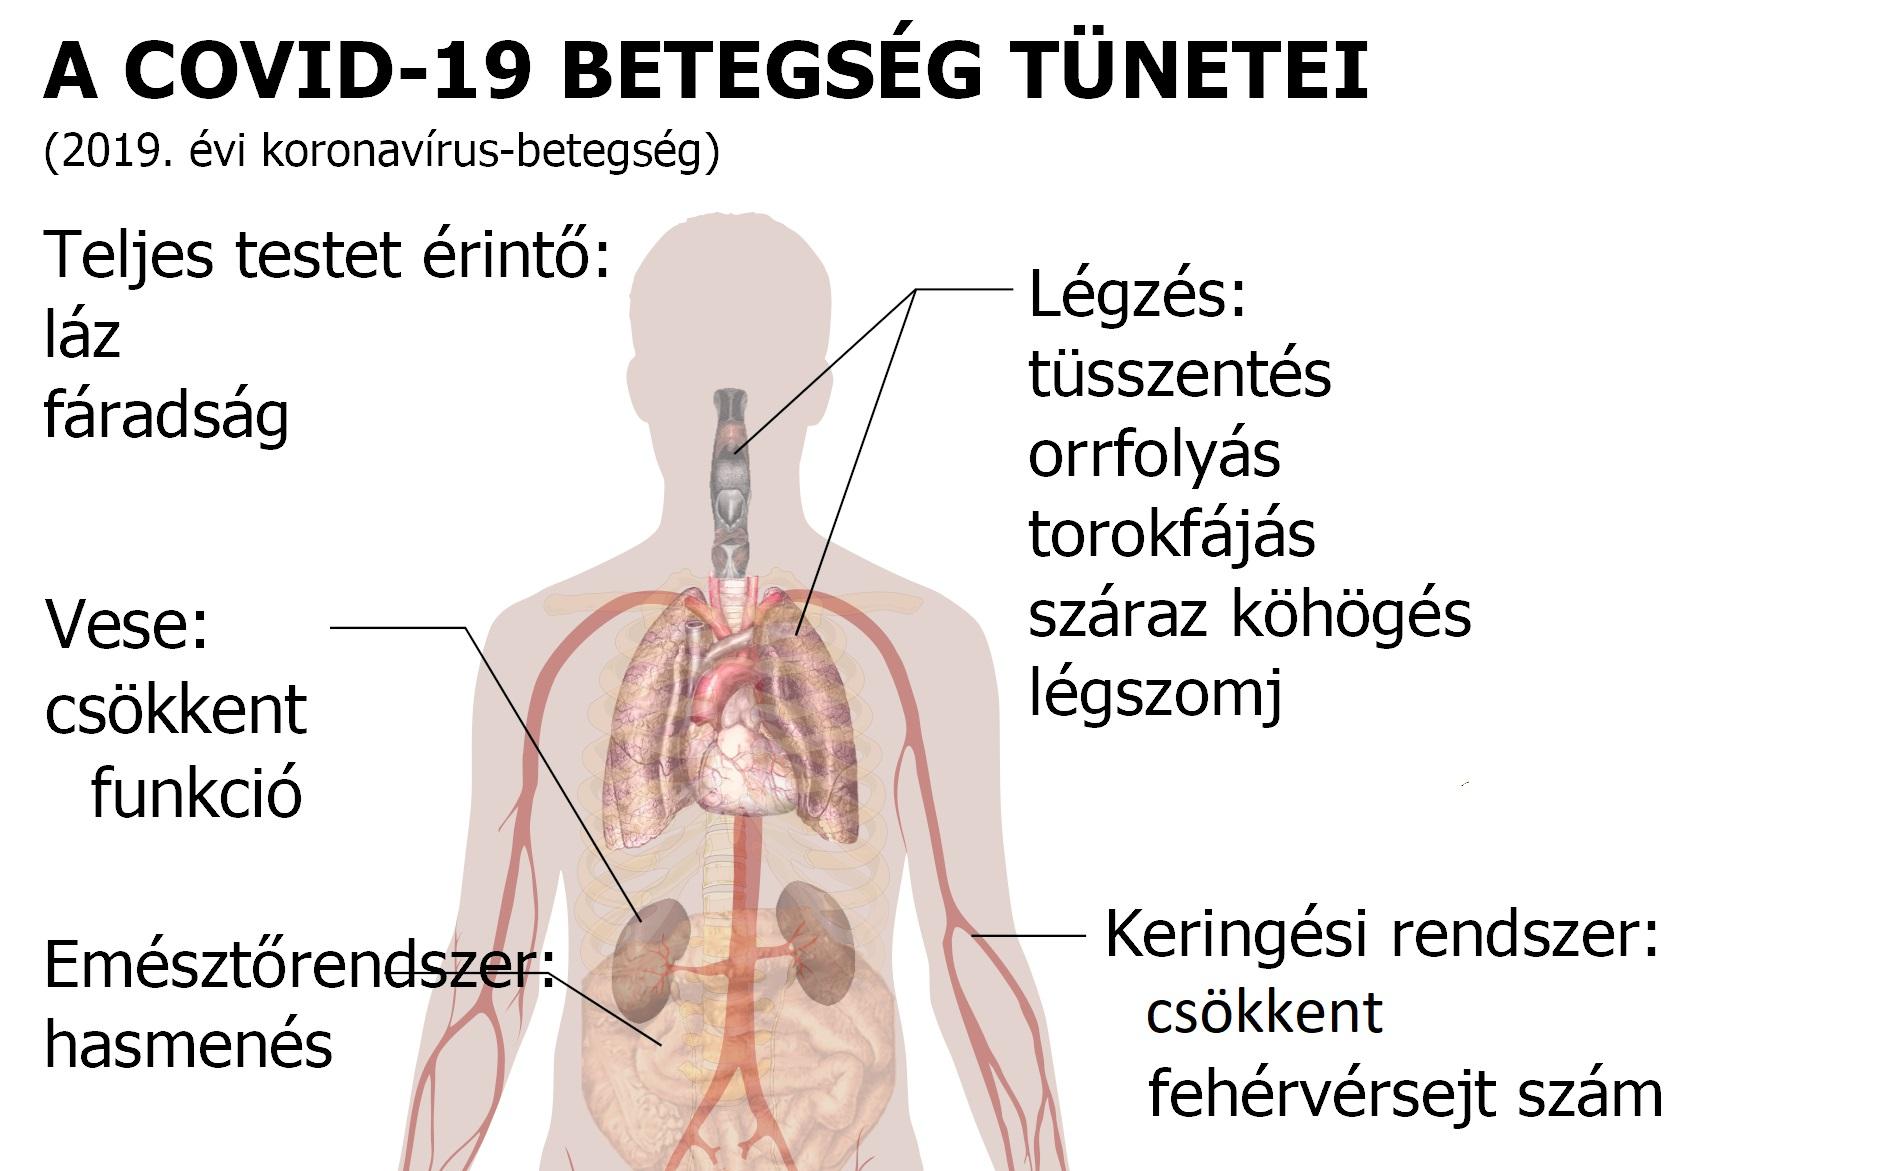 a magas vérnyomás elleni gyógyszerek köhögést okoznak)